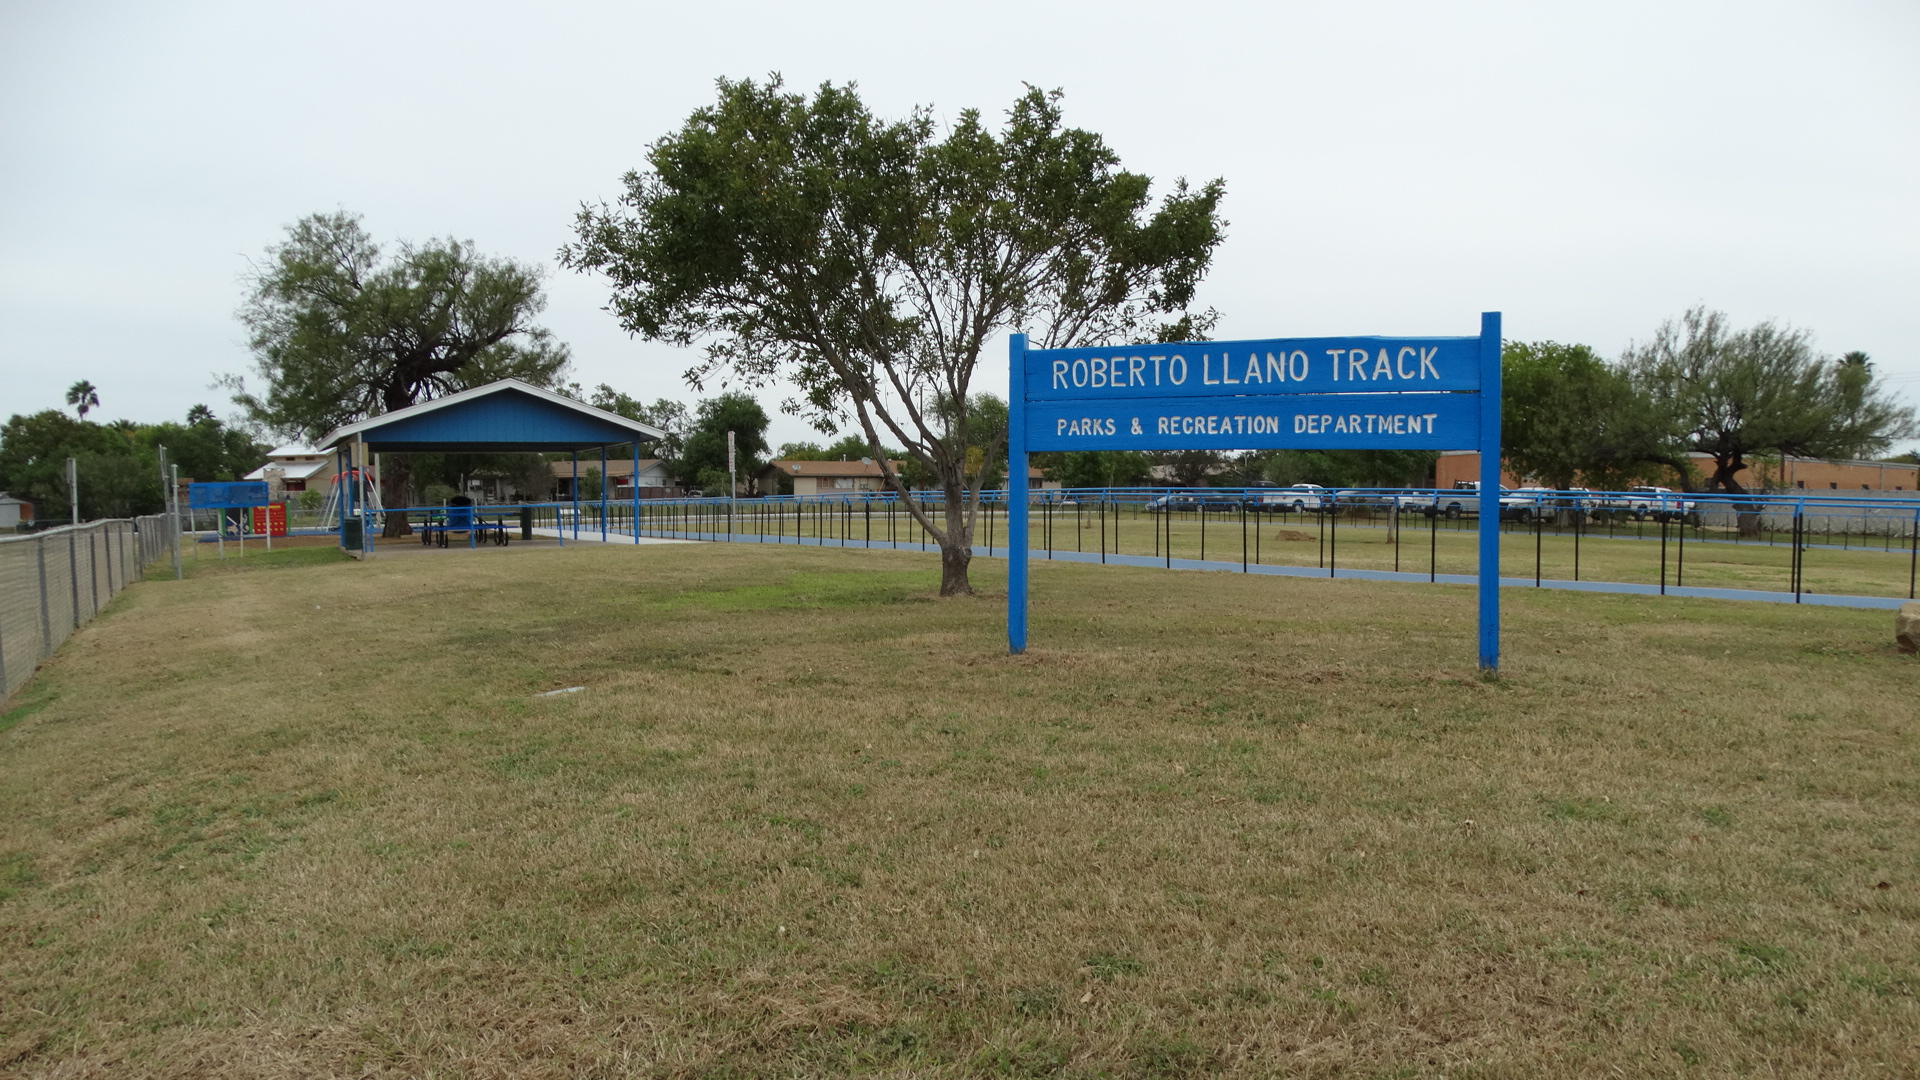 Robert De Llano Track